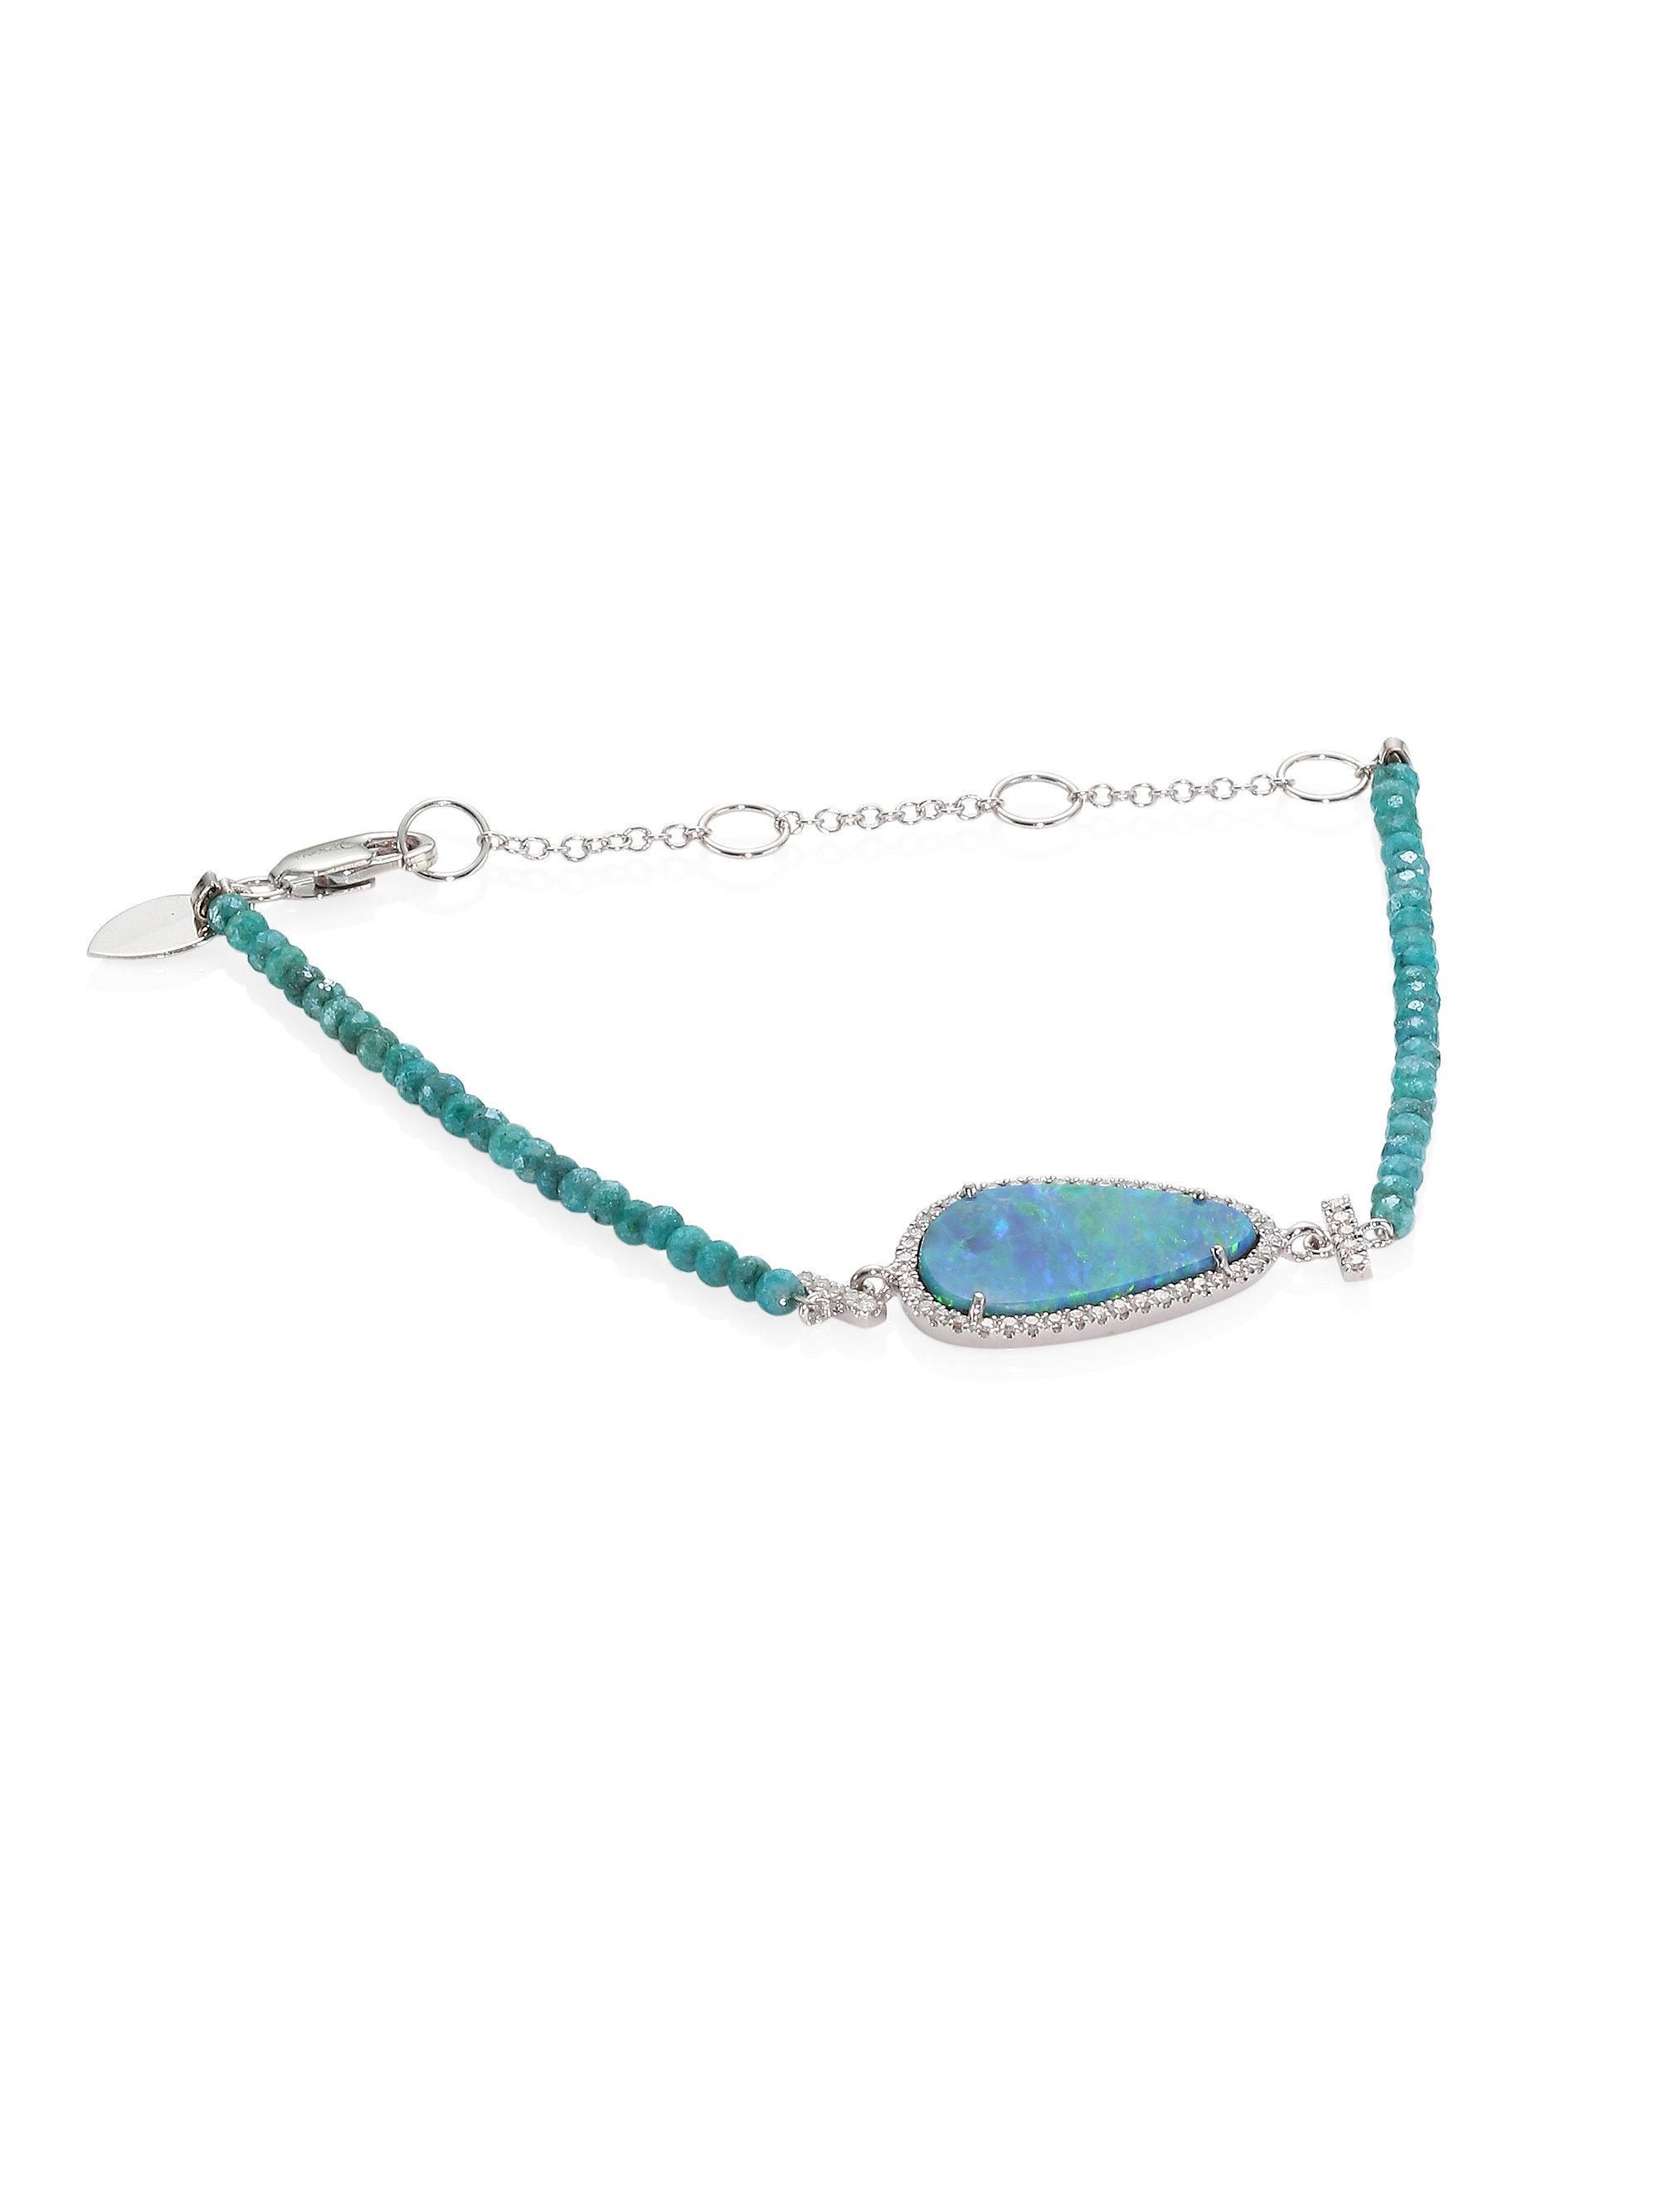 Apae Bead 14k White Gold Bracelet